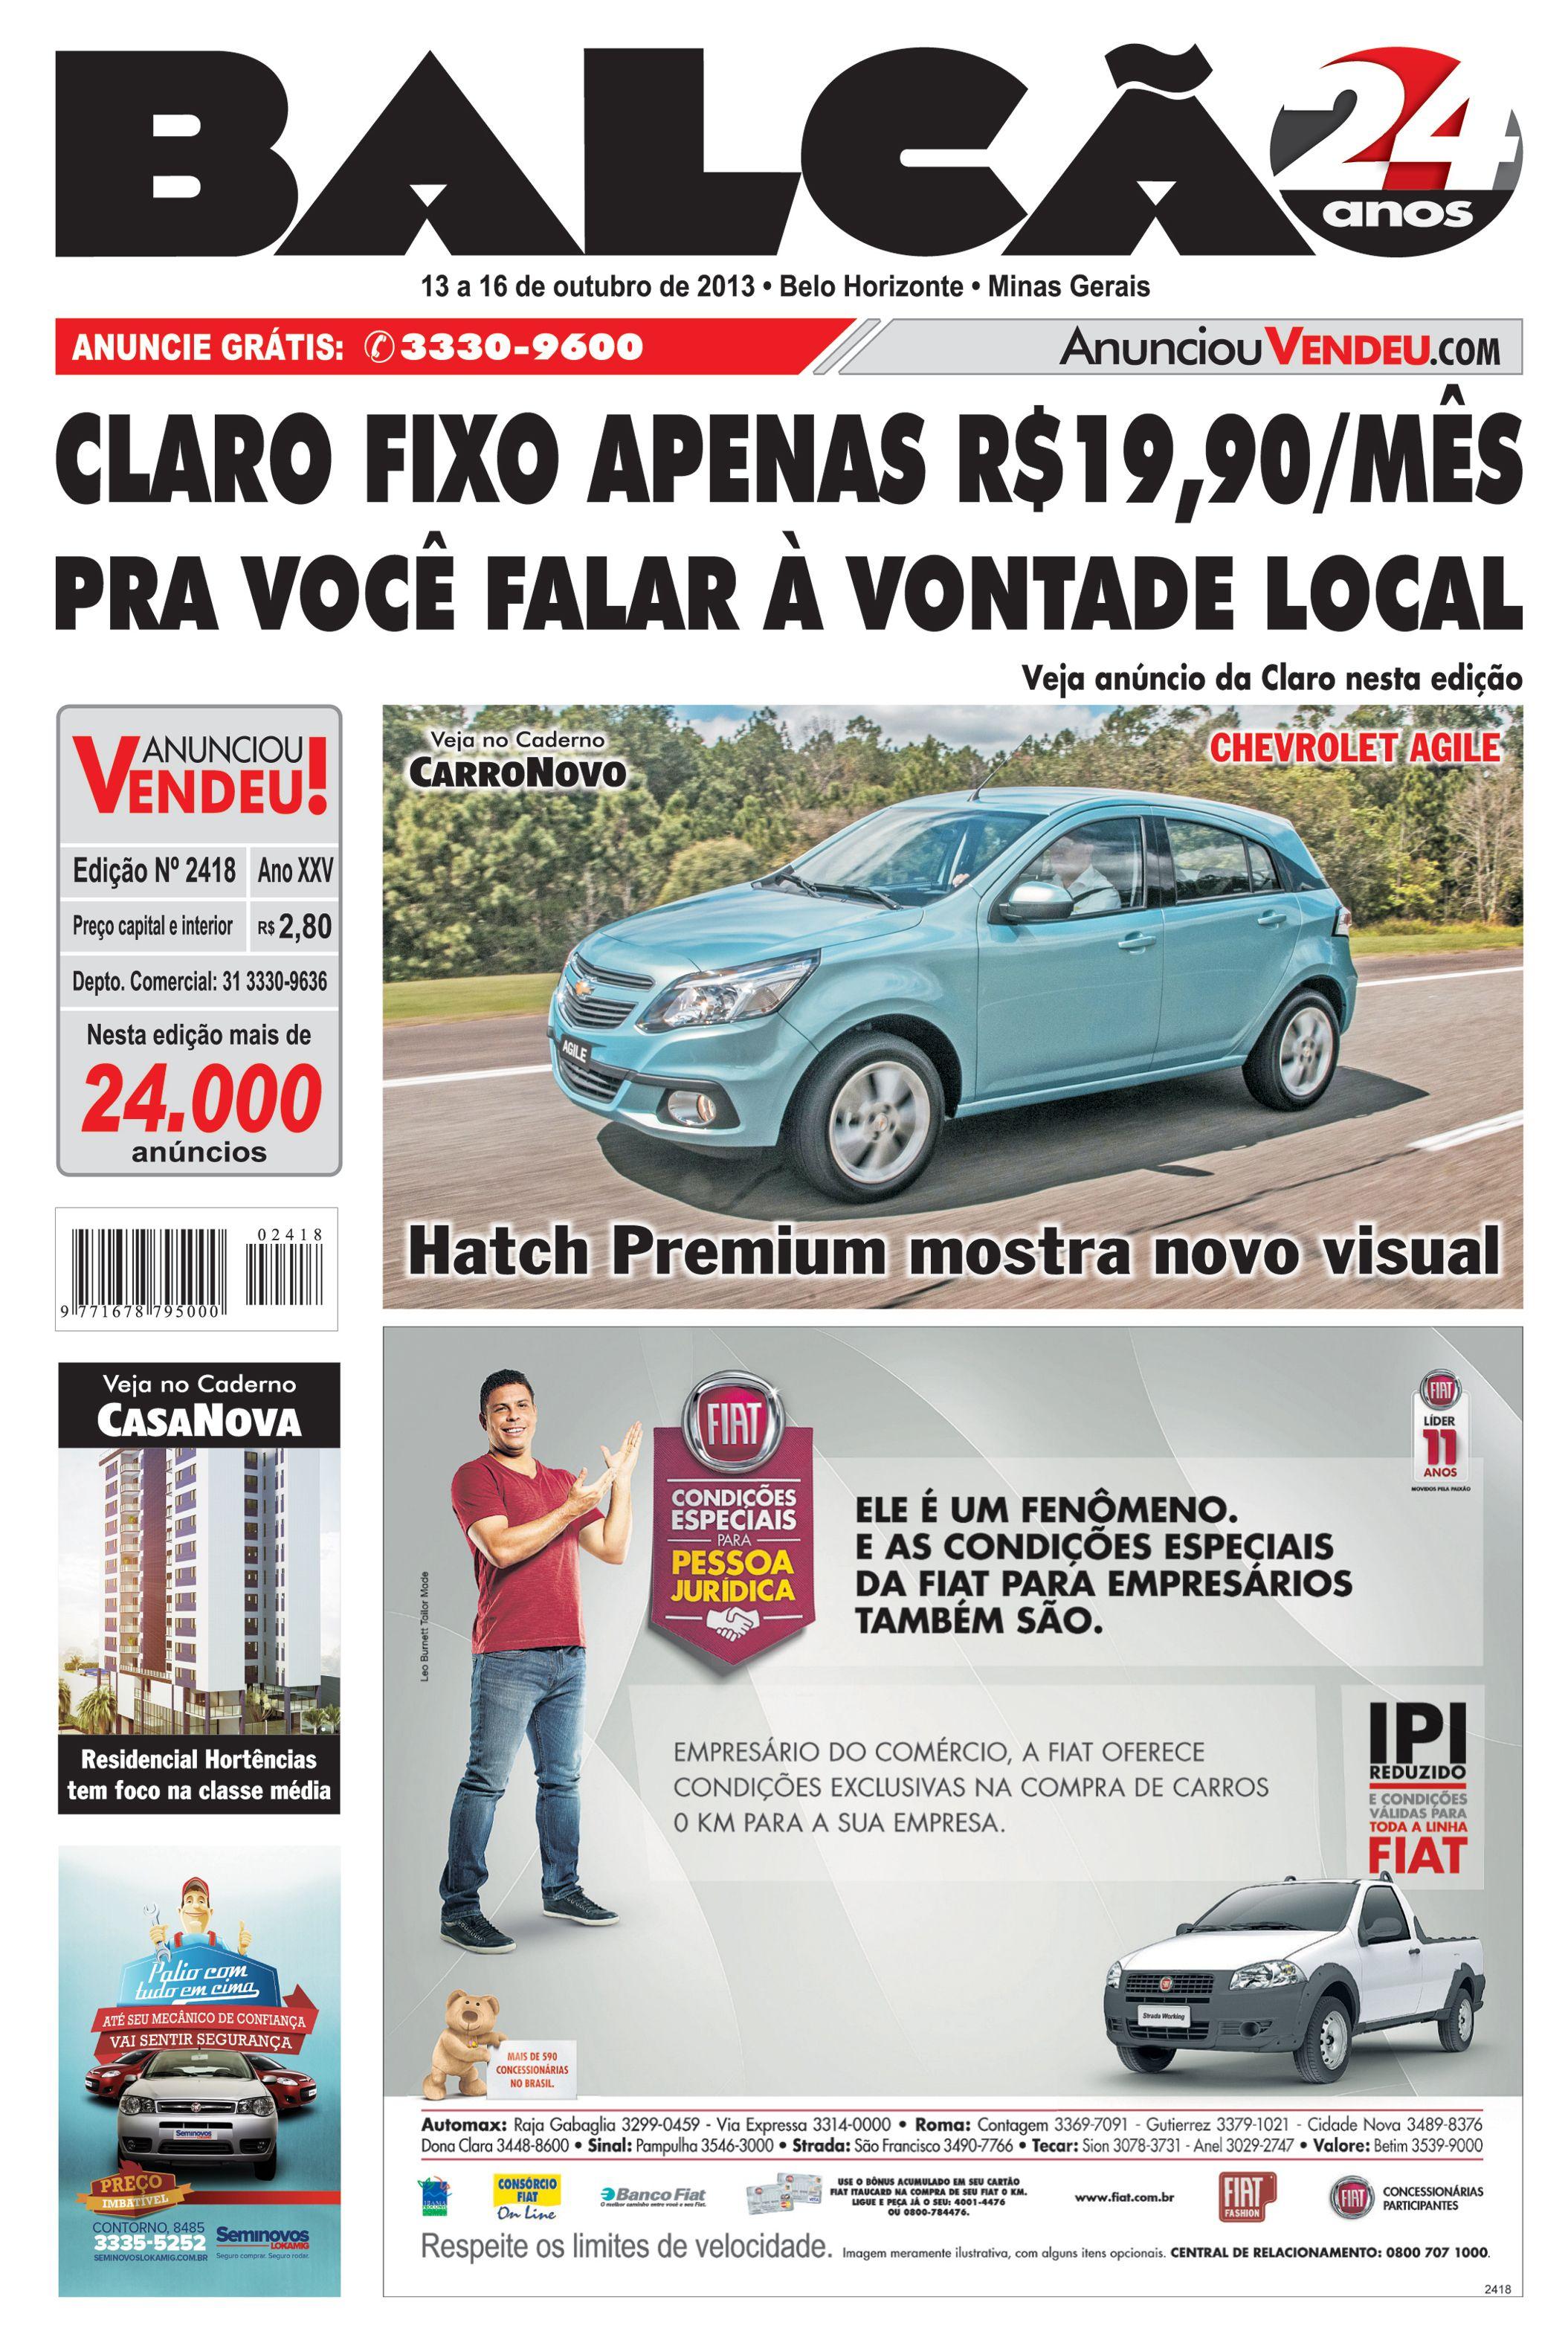 Capa Jornal Balcão em circulação dos dias 13 a 16 de Outubro. #casanova #motonova #carronovo #apartamento #carro #seminovos #jornal #BH #Claro #Agile